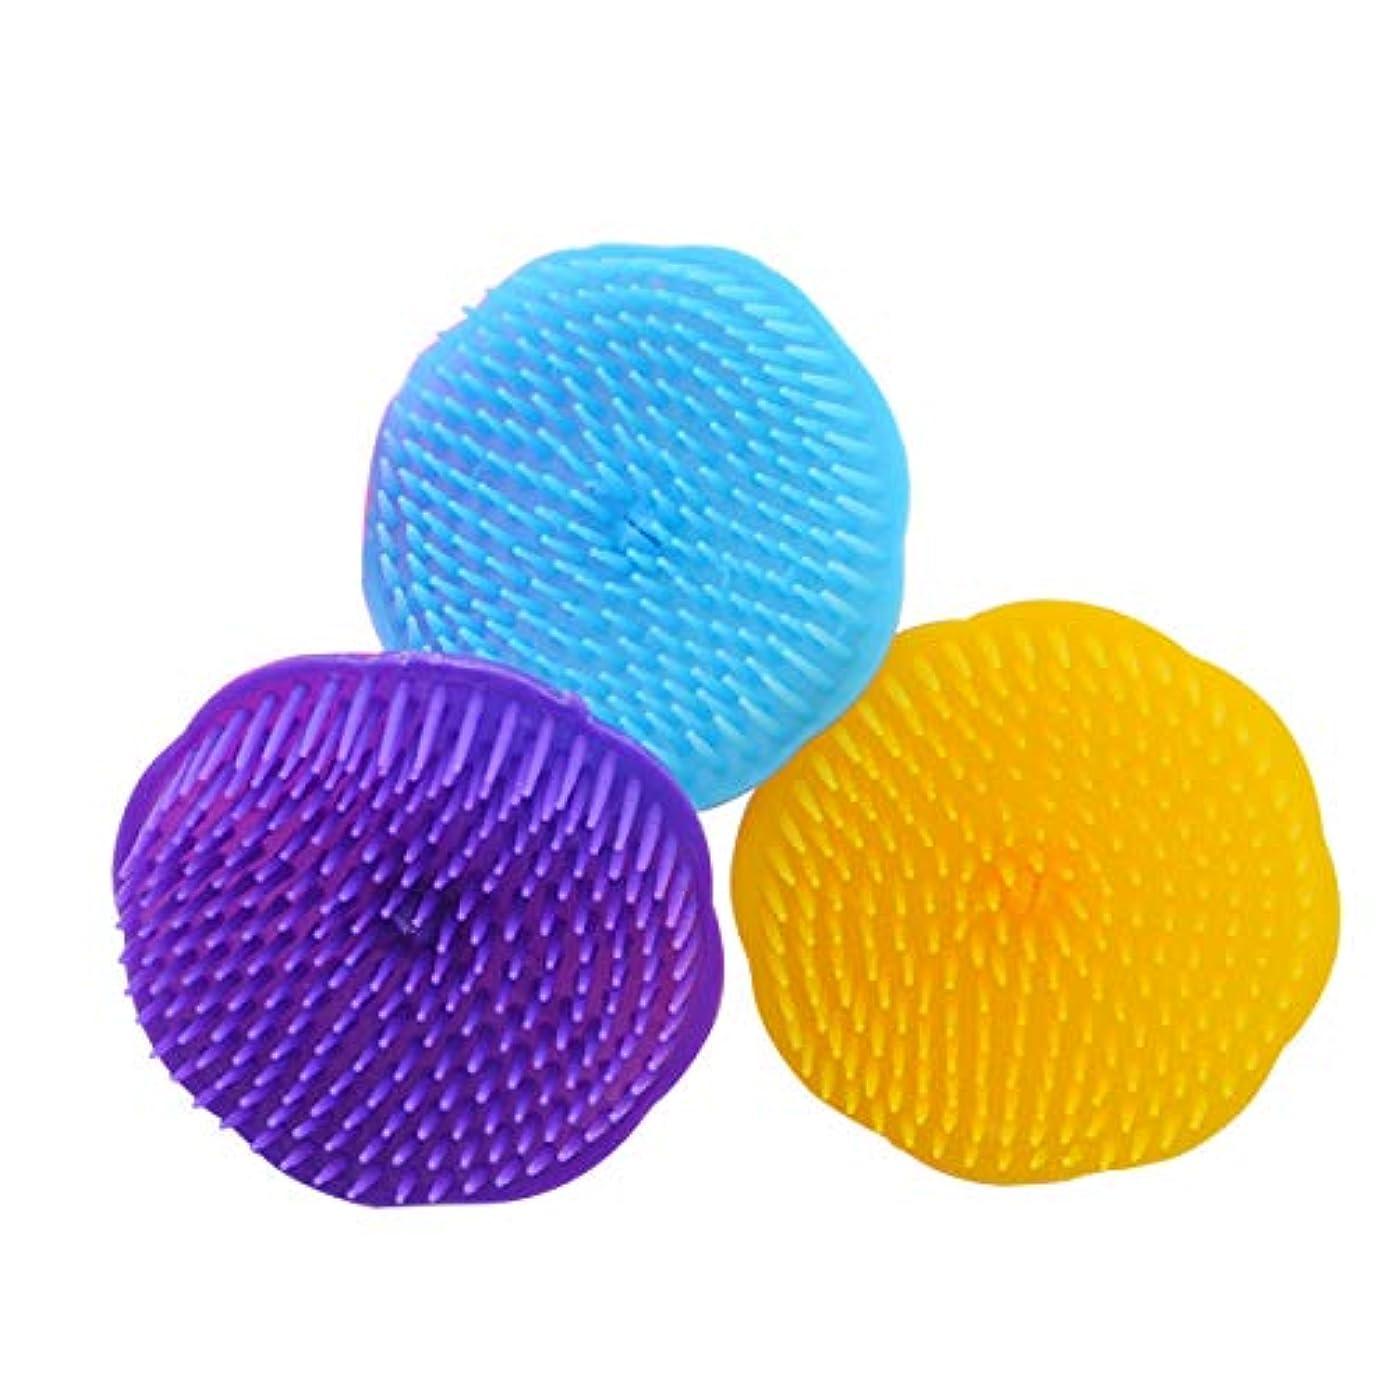 仕事ランタン関係ないSUPVOX ヘアマッサージブラシ シャワーシャンプー頭皮ブラシヘッドボディマッサージスパスリミングブラシ3PCS(ランダムカラー)